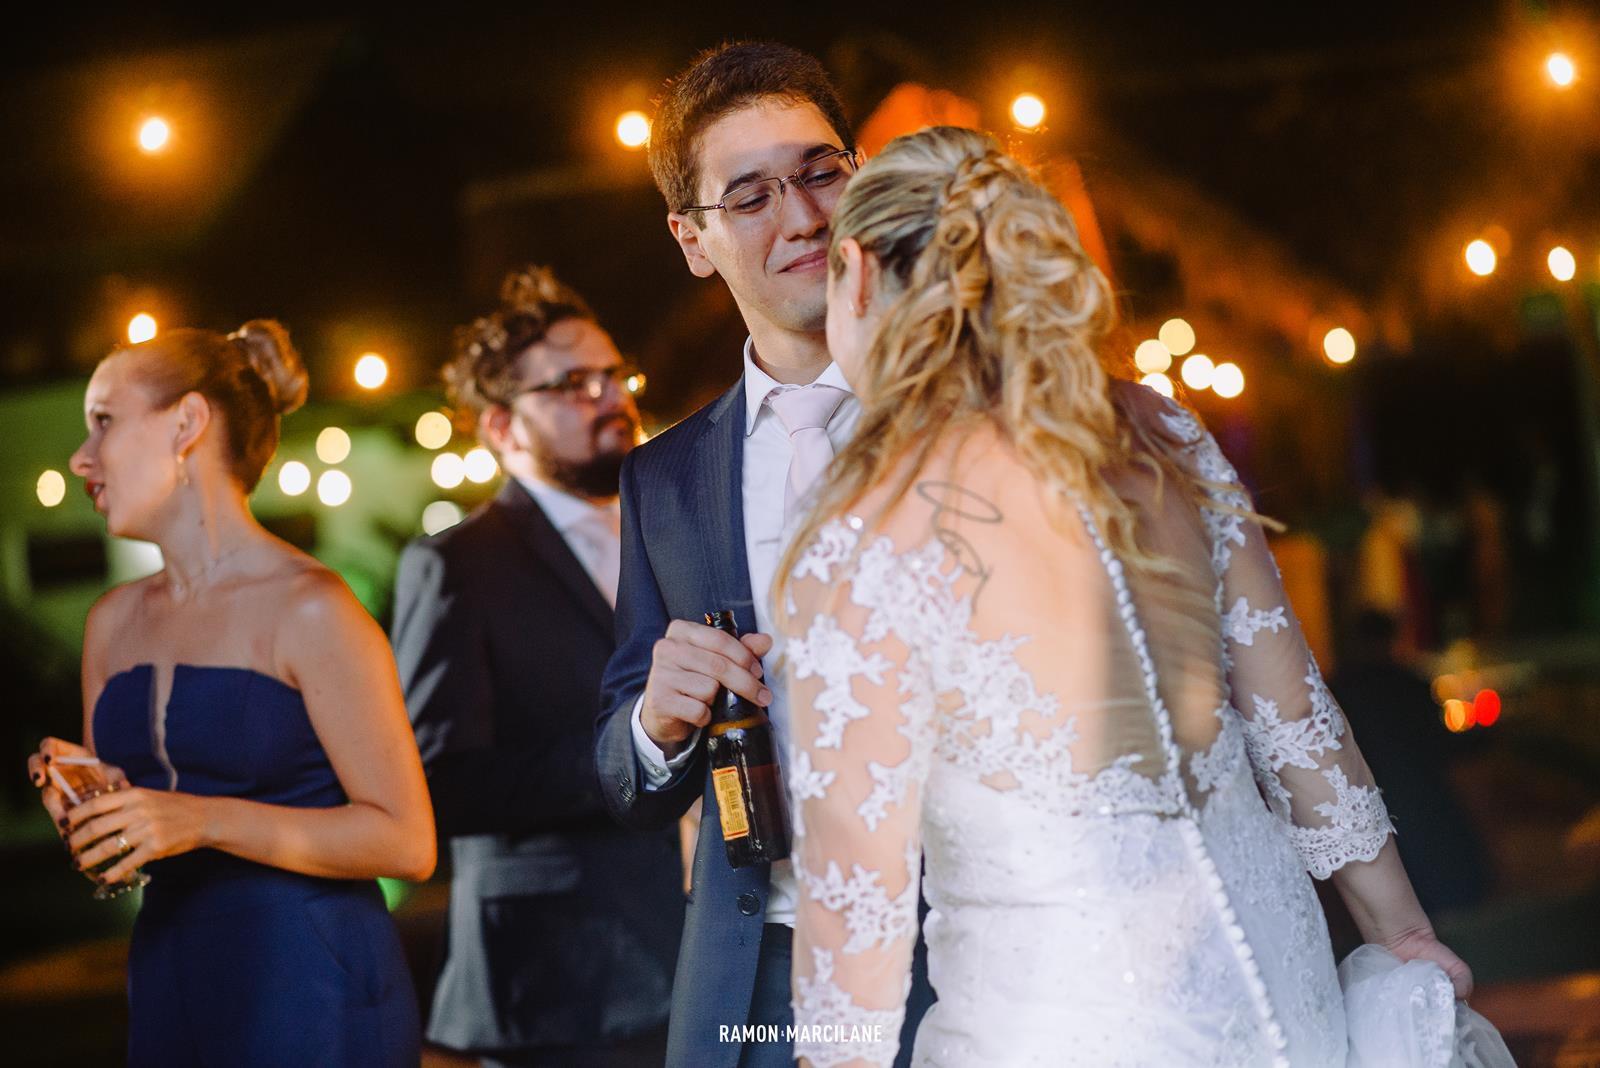 Casamento na praia, casamento de dia, casamento de tarde, casamento em fortaleza, casamento no fim de tarde, casamento no Ceará